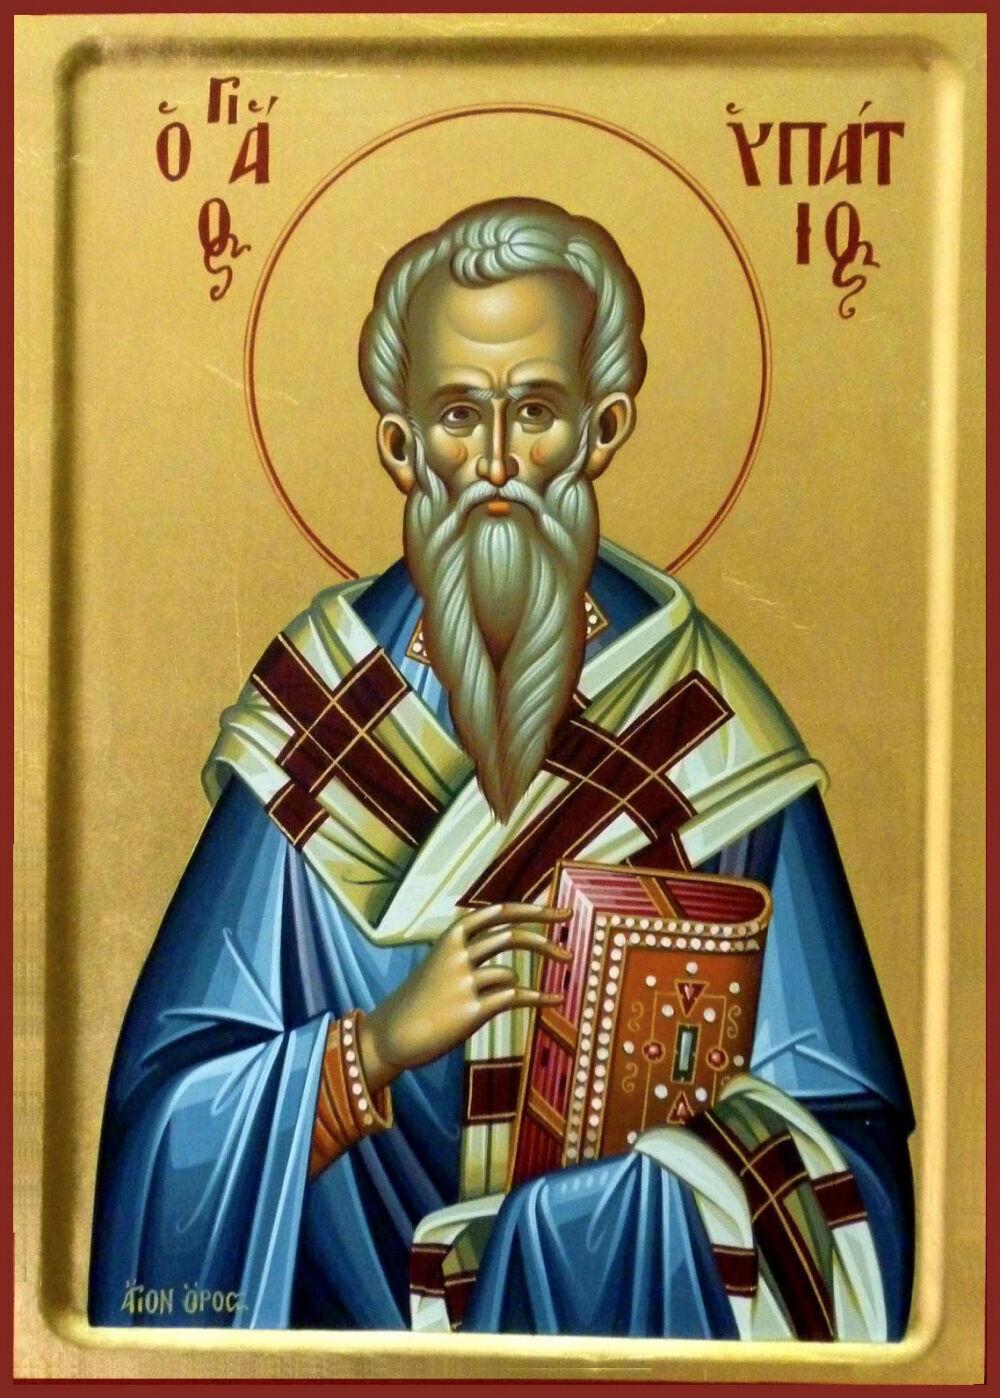 Священномученик Ипа́тий Гангрский, епископ